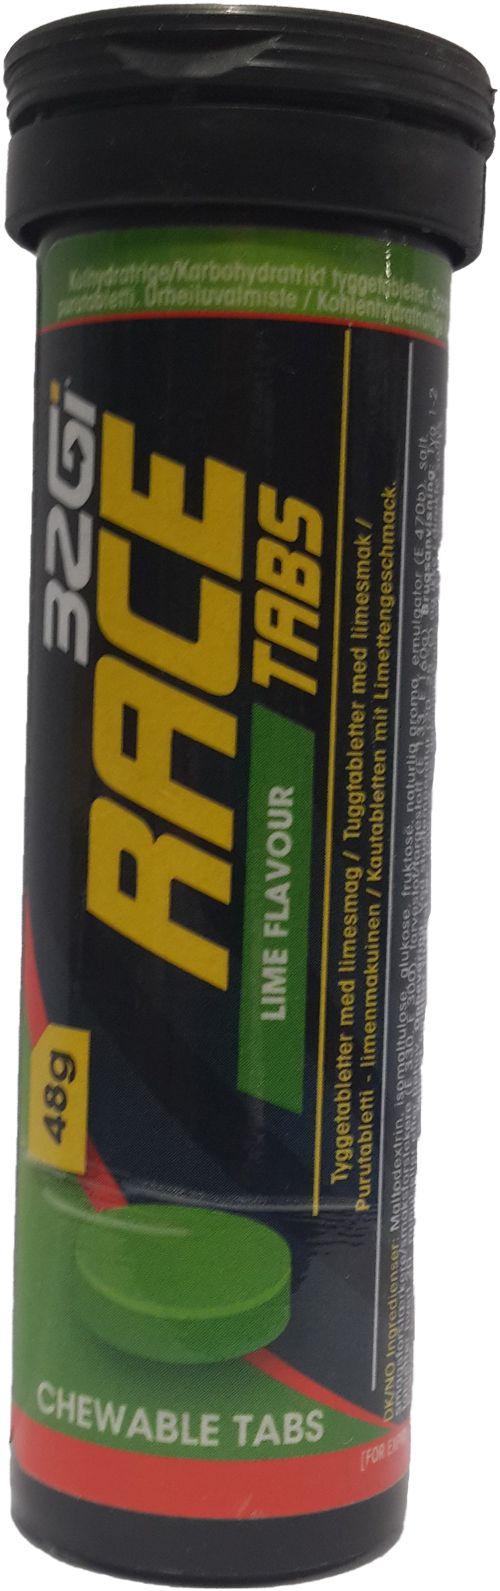 32GI Race 48g Chewable Tabs Lime